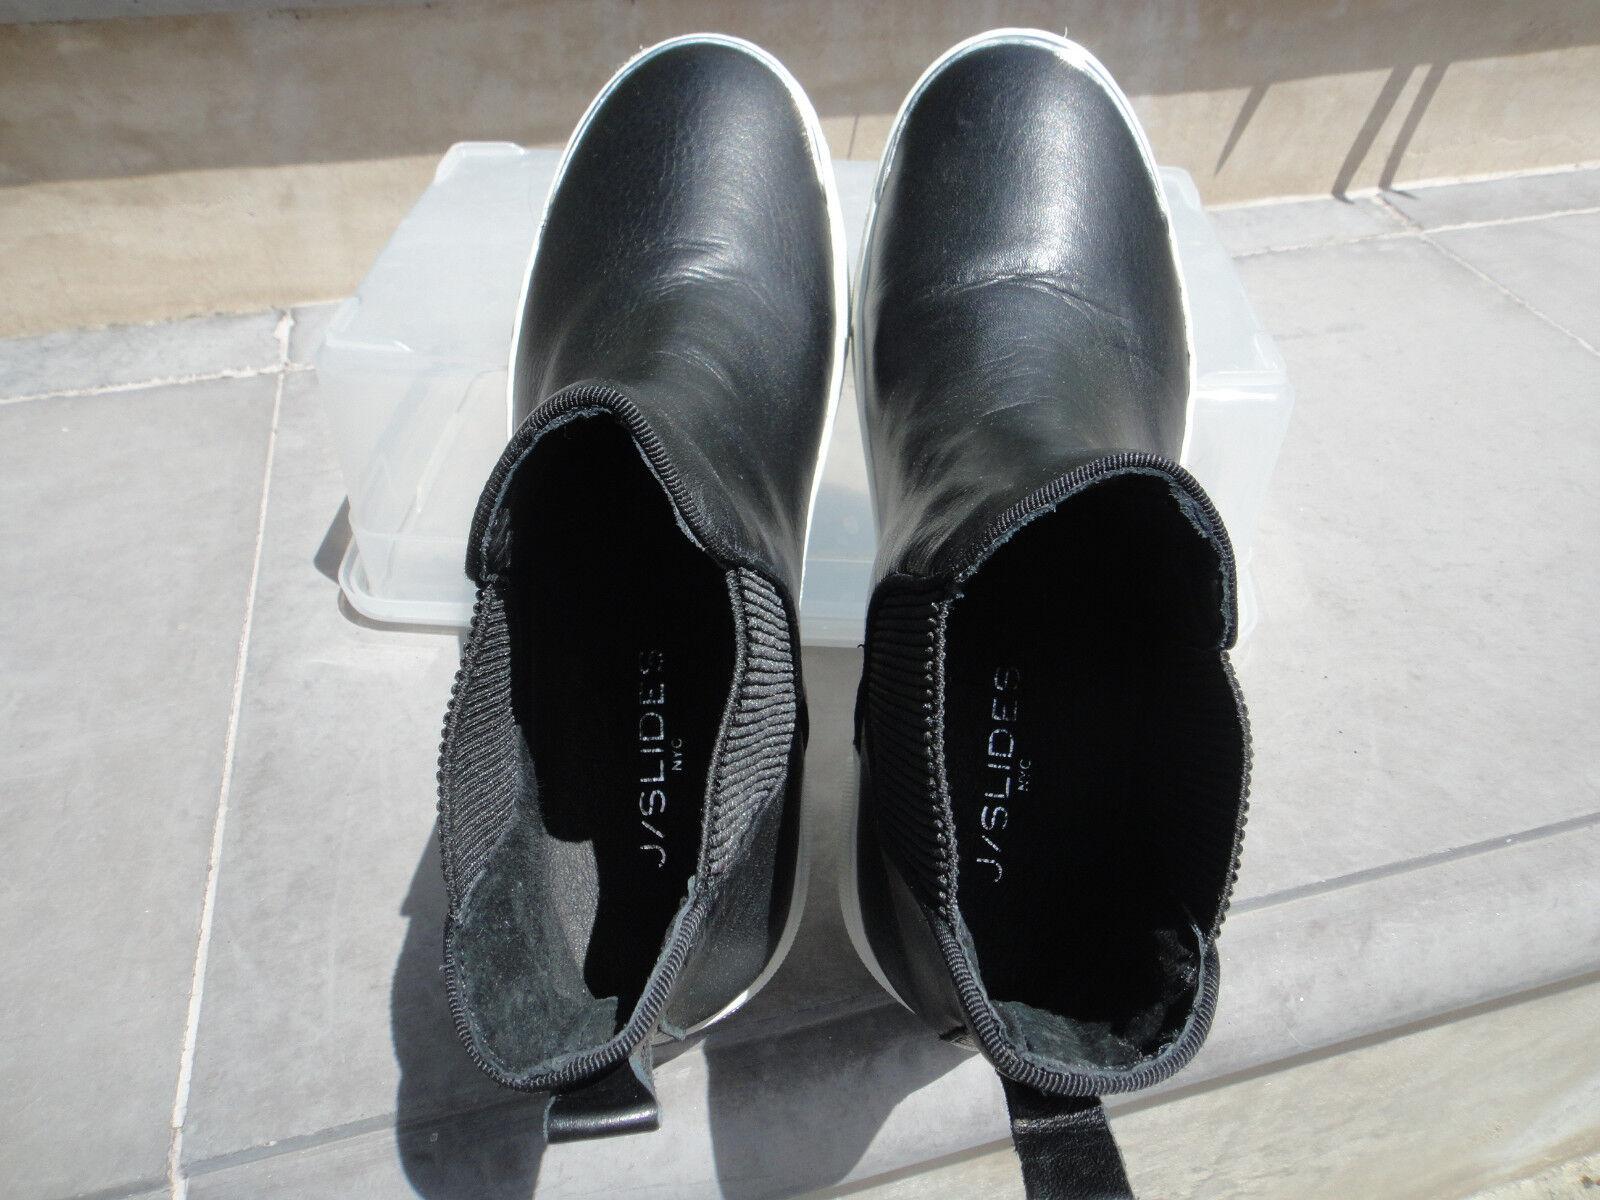 Jslides J J J diapositives palia High Top Slip Ons, cuir noir, US Taille 7 M, les fabricants Standard prix de détail  150 5d9a8b